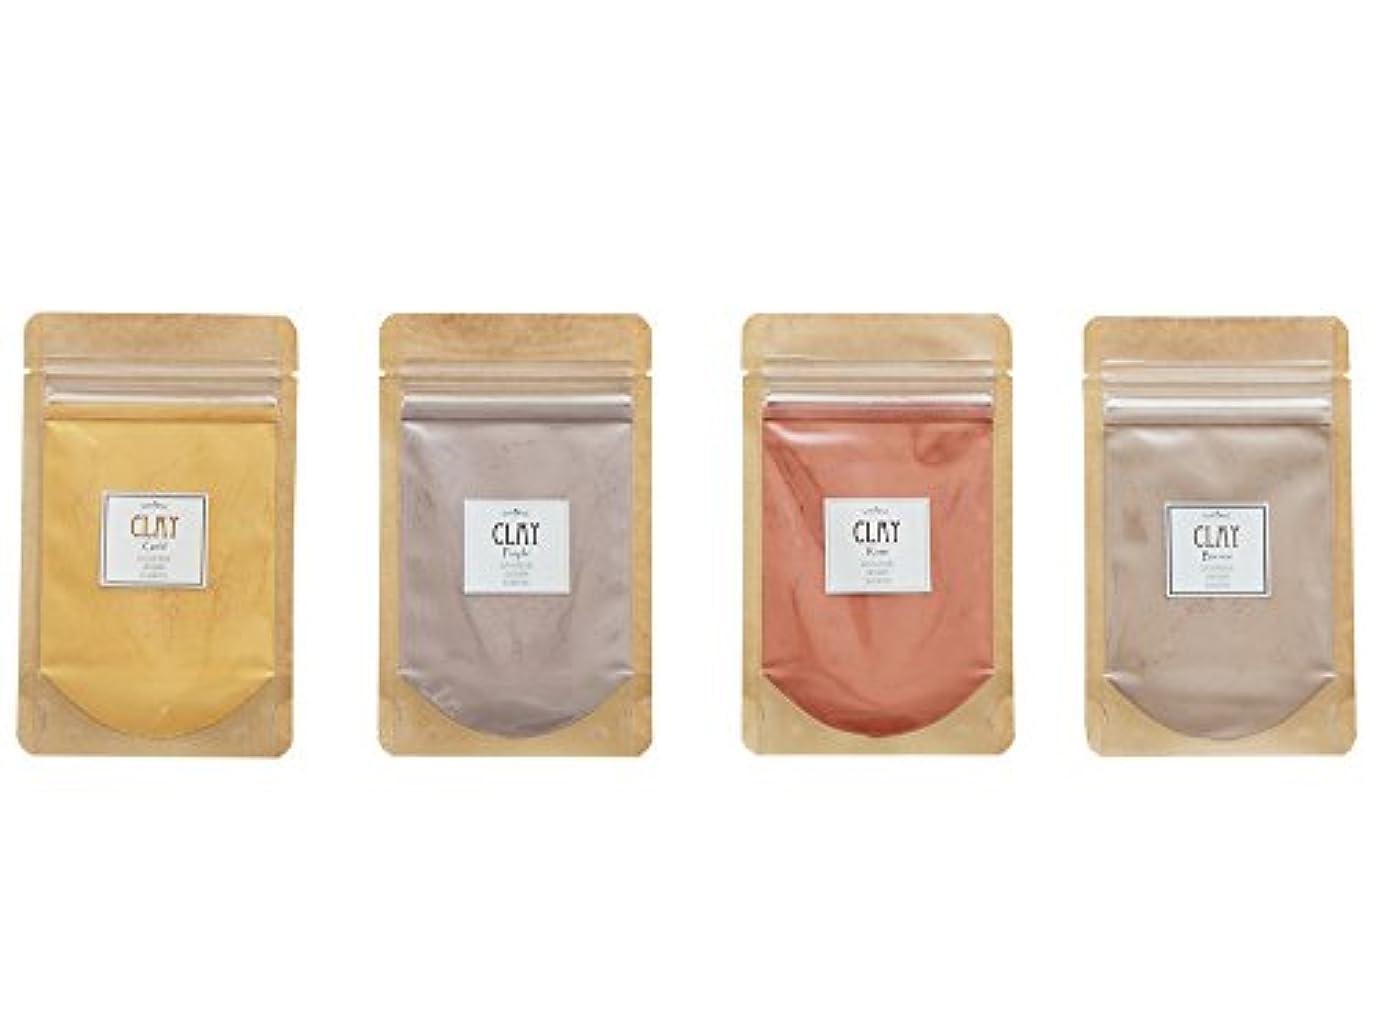 勇敢なマット繊毛ICA国際クレイセラピー協会 【カラーリングクレイ(4色セット)】